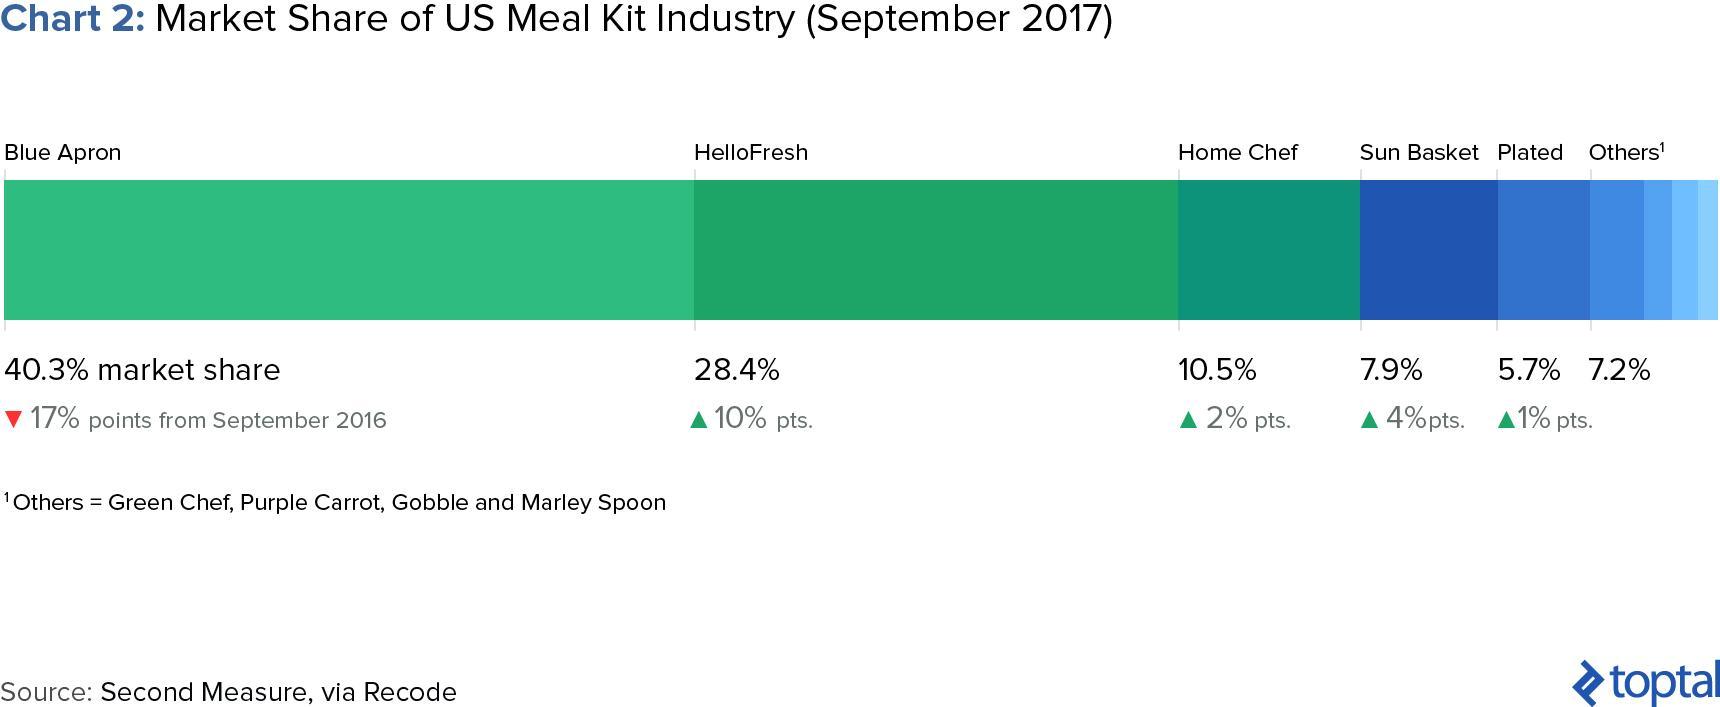 competidores de la industria de kits de comida y cuota de mercado